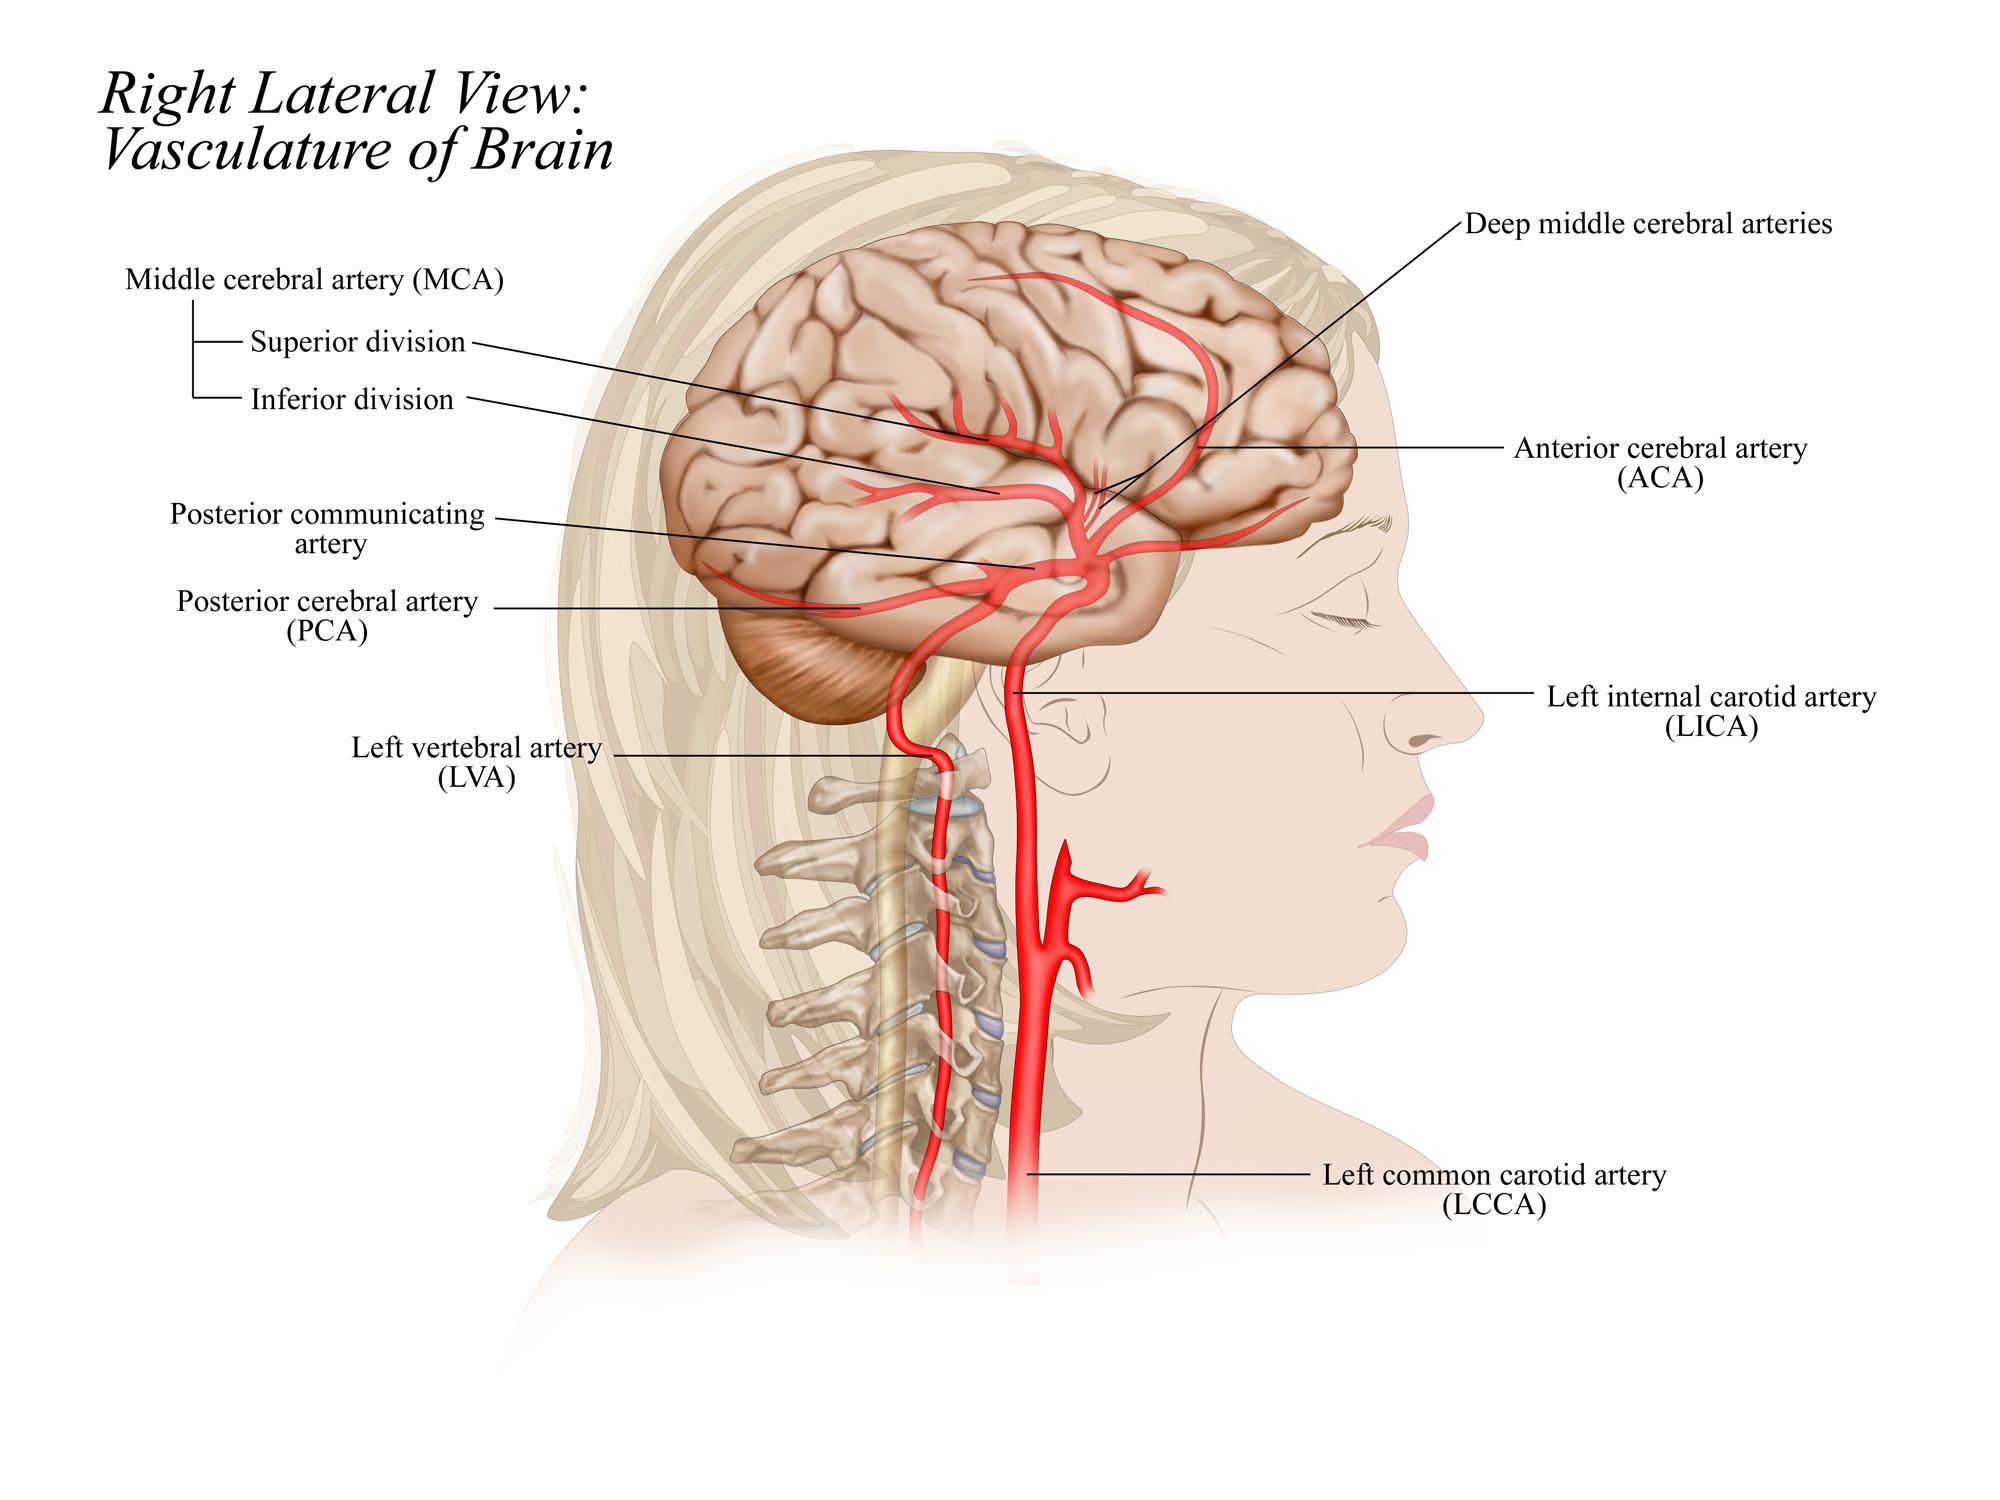 Vasculature of Brain